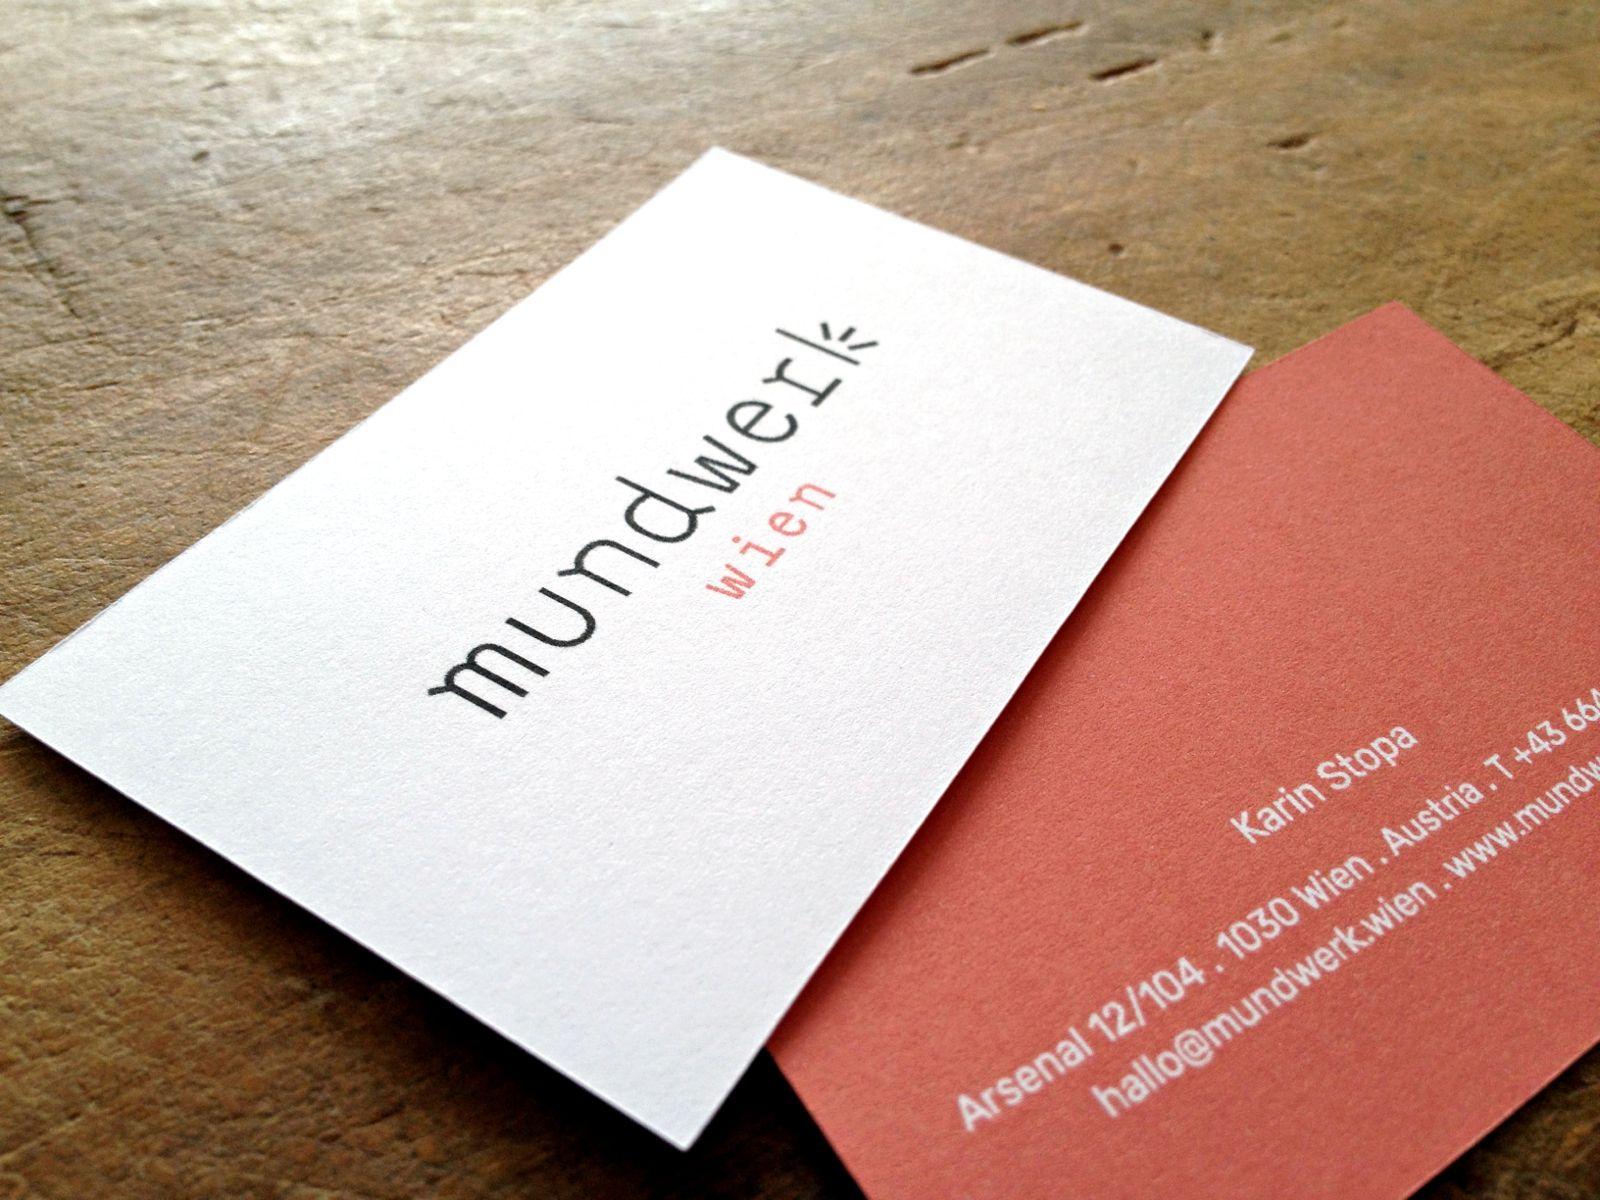 Visitenkarten für mundwerk wien & Karin Stopa Mentoring